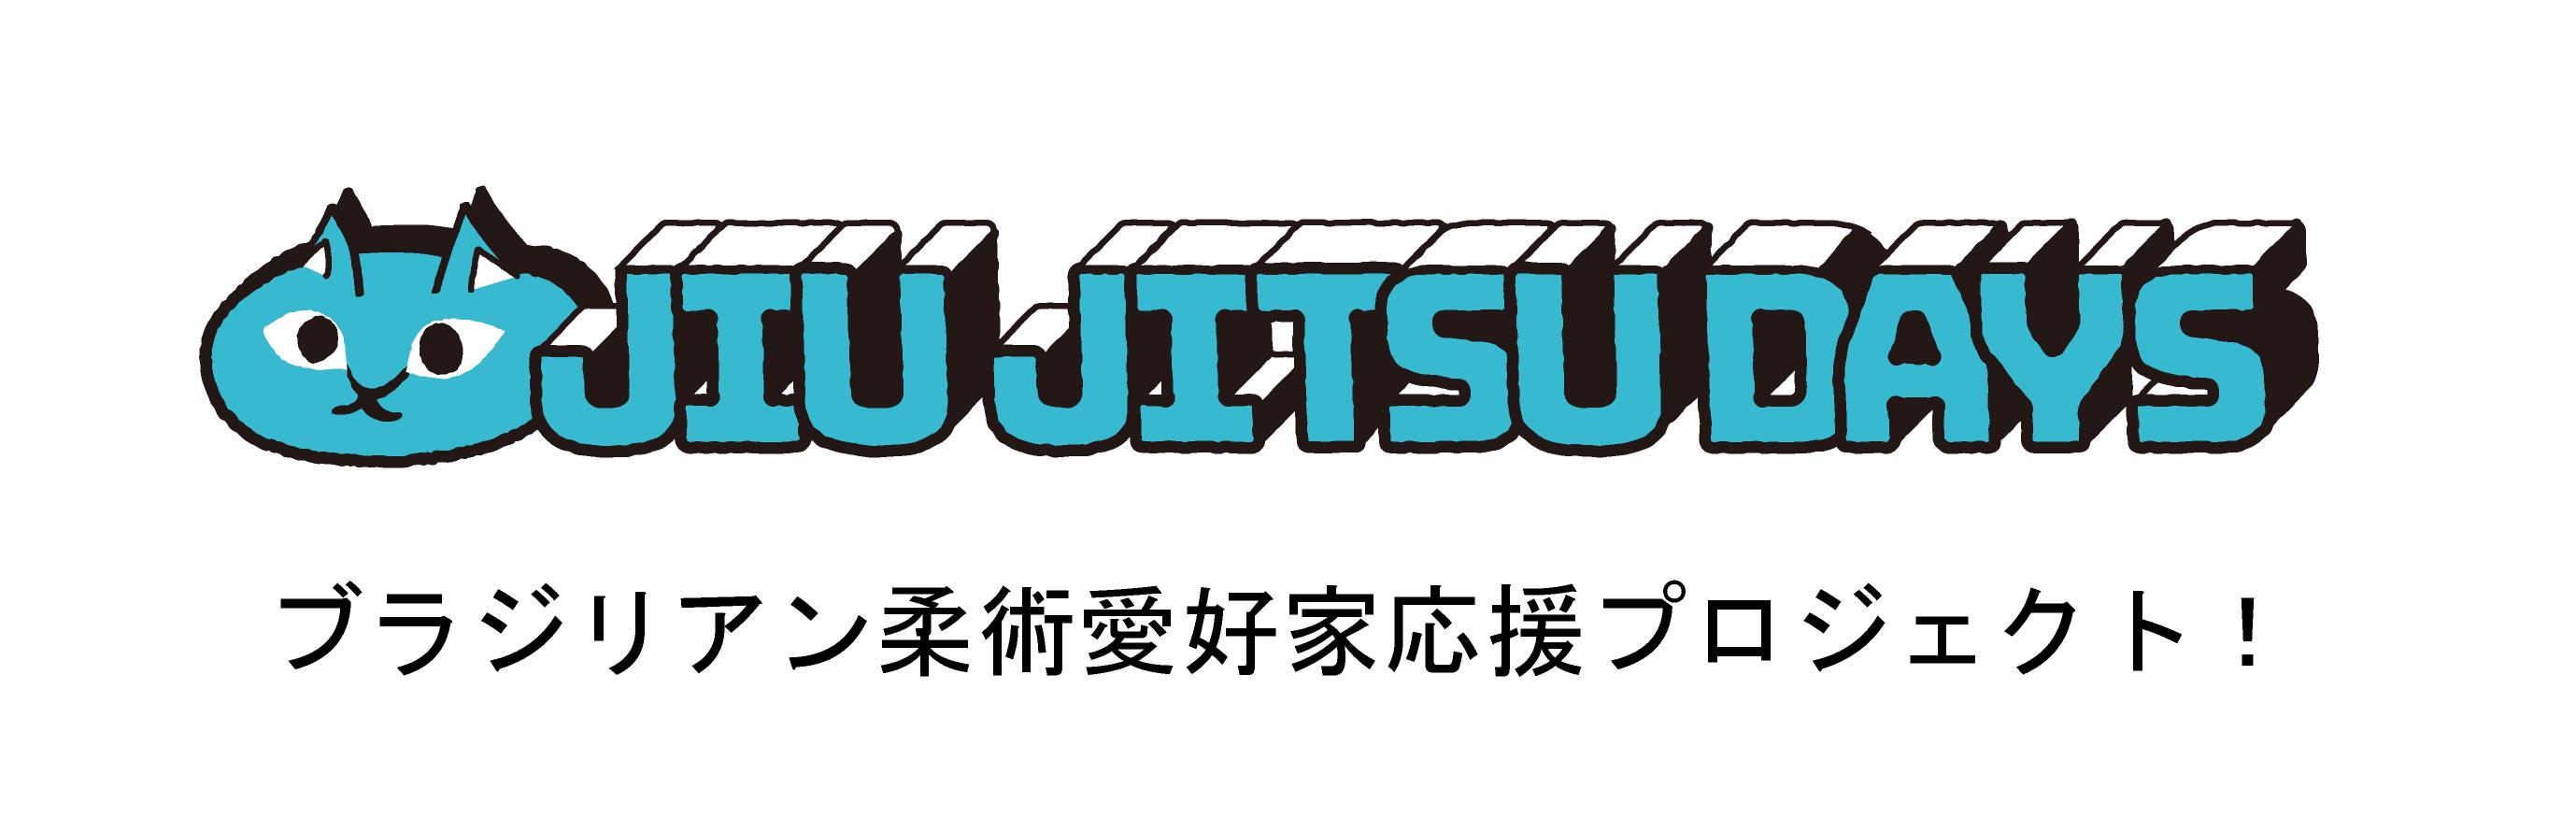 JIU JITSU DAYS